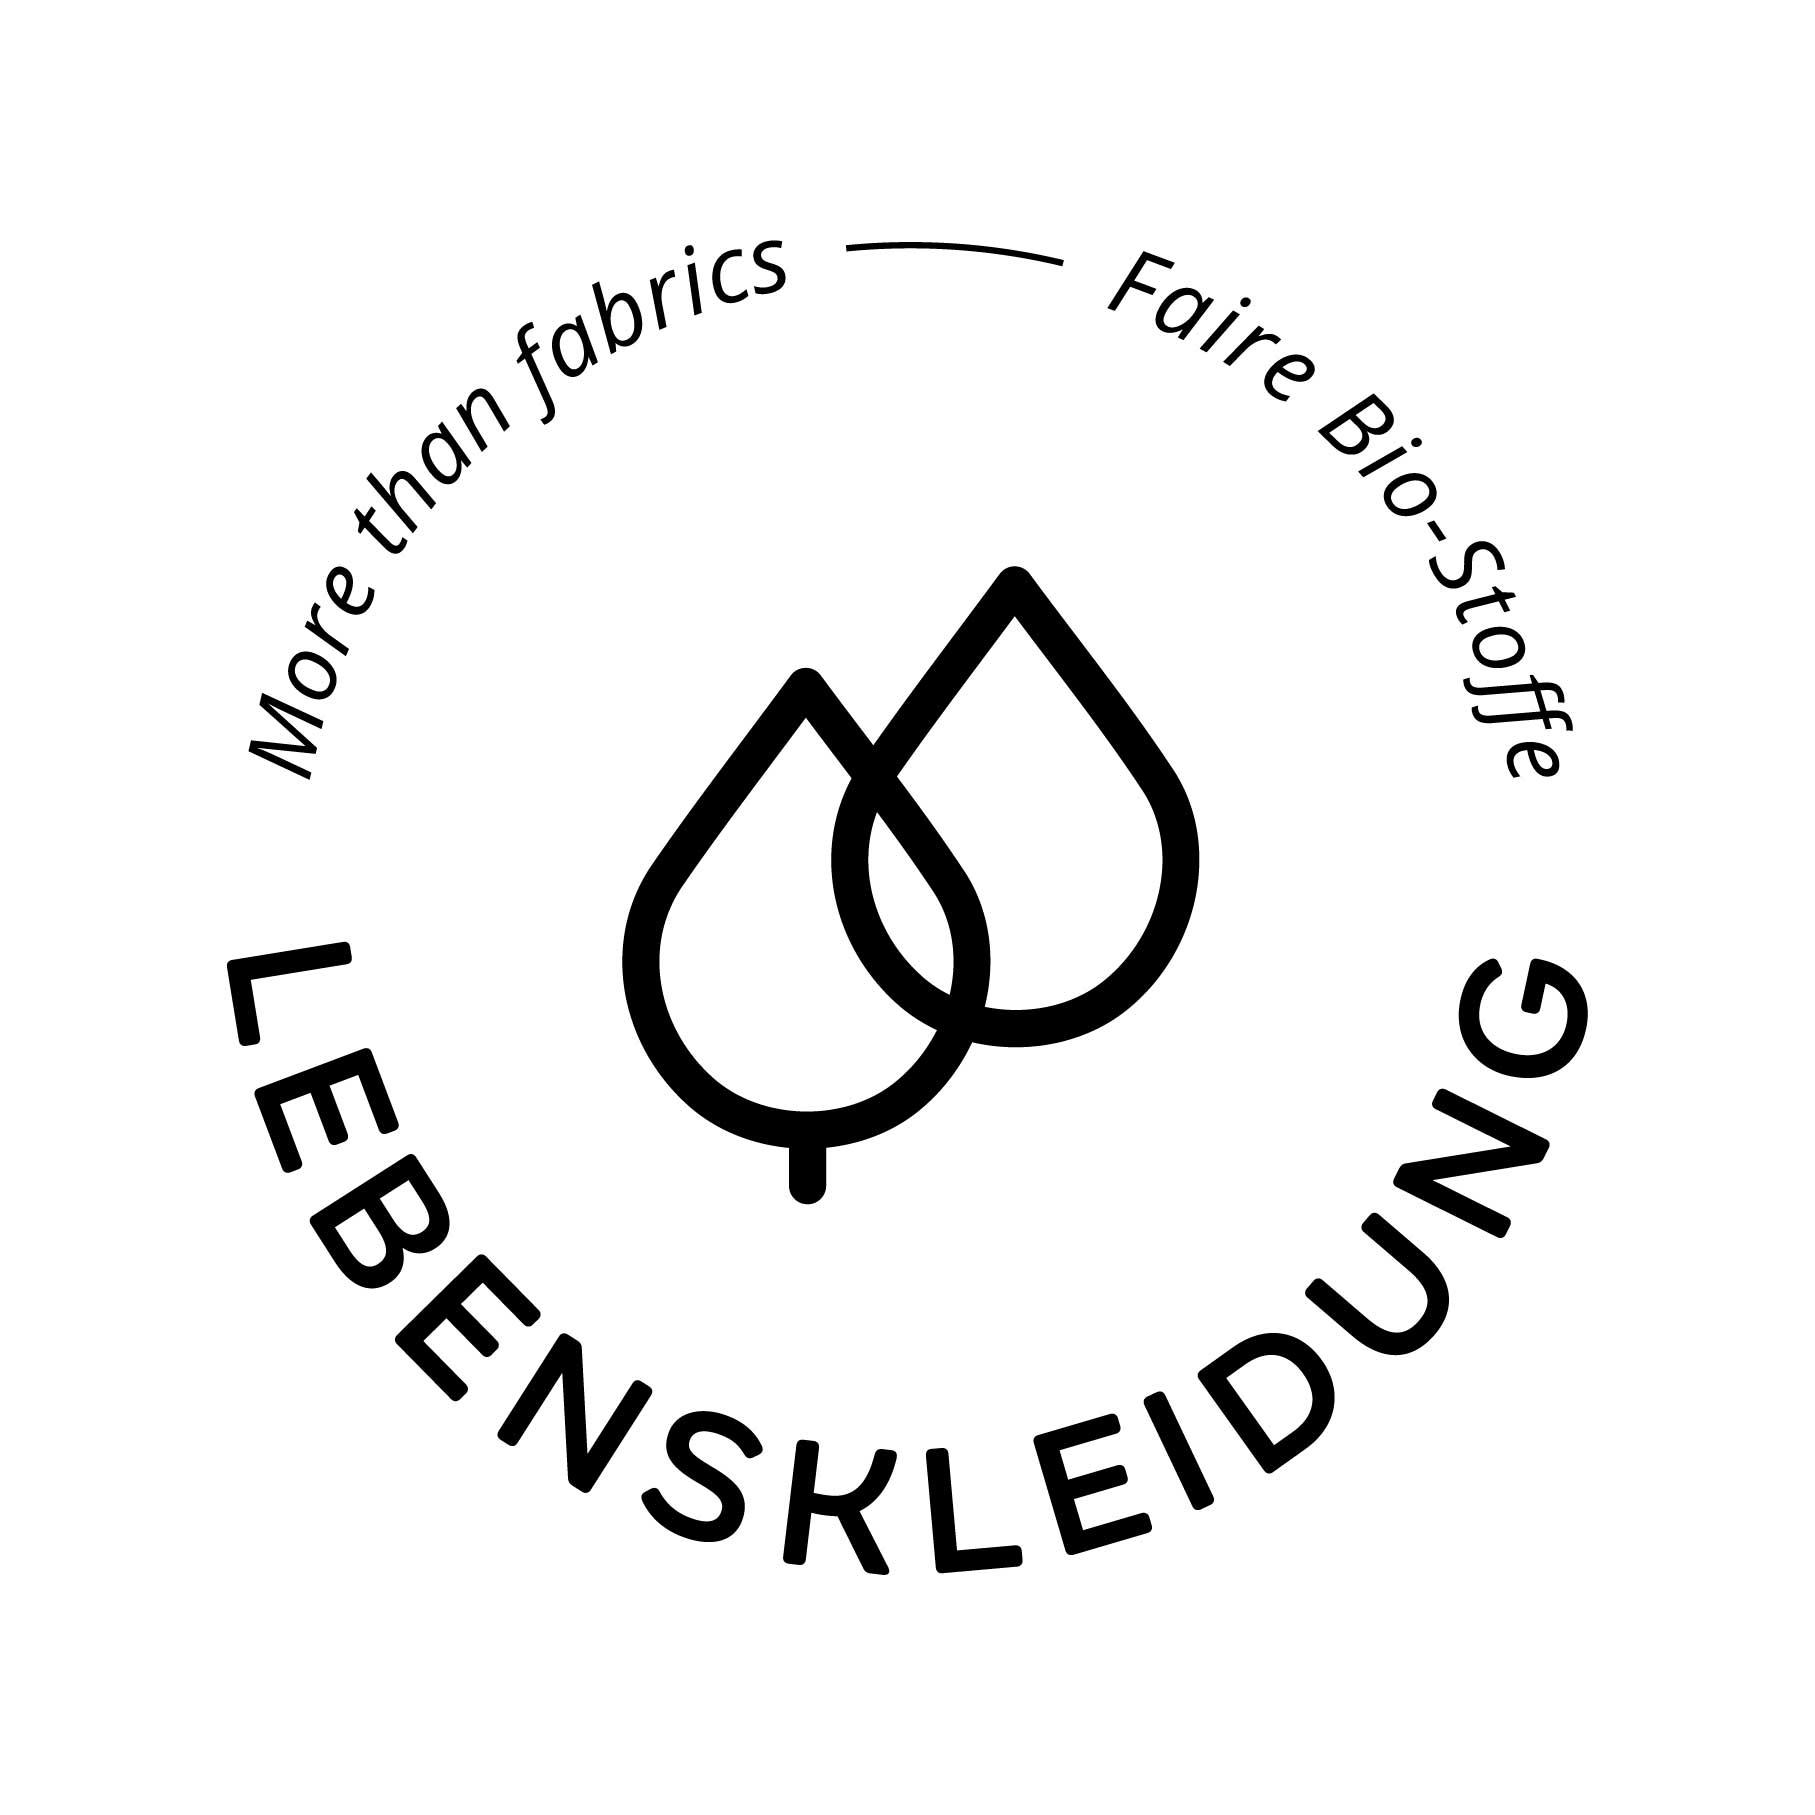 Bio Tissu RIB 2x1 (manchette) - Air